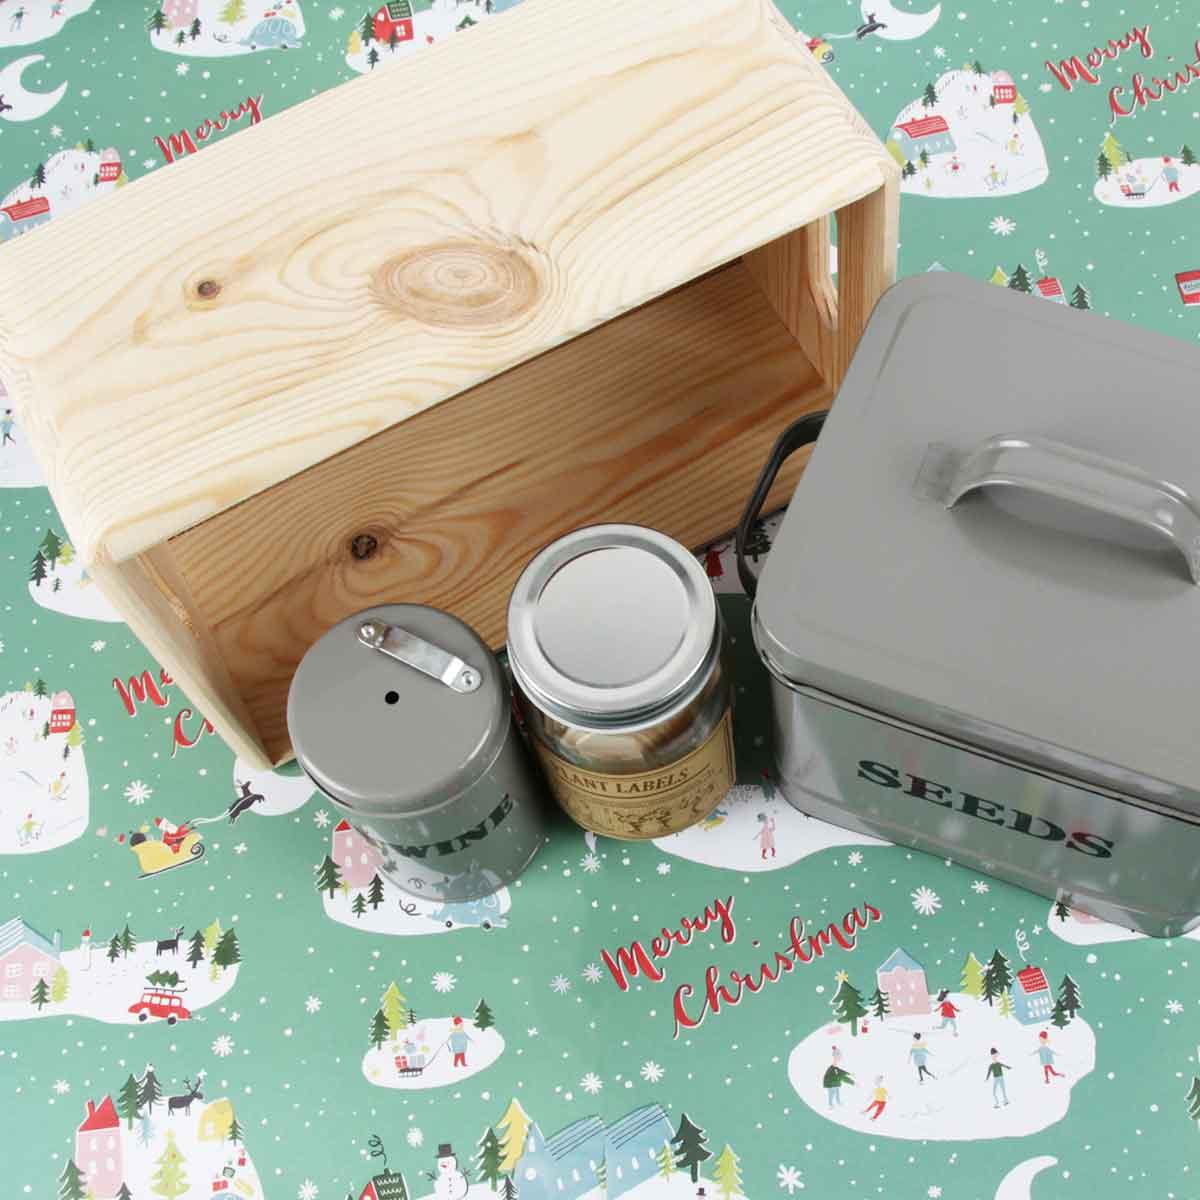 kit cadeau jardinage avec bocal à étiquette à semis, bac en bois clair avec poignées, et boîte de rangement en métal